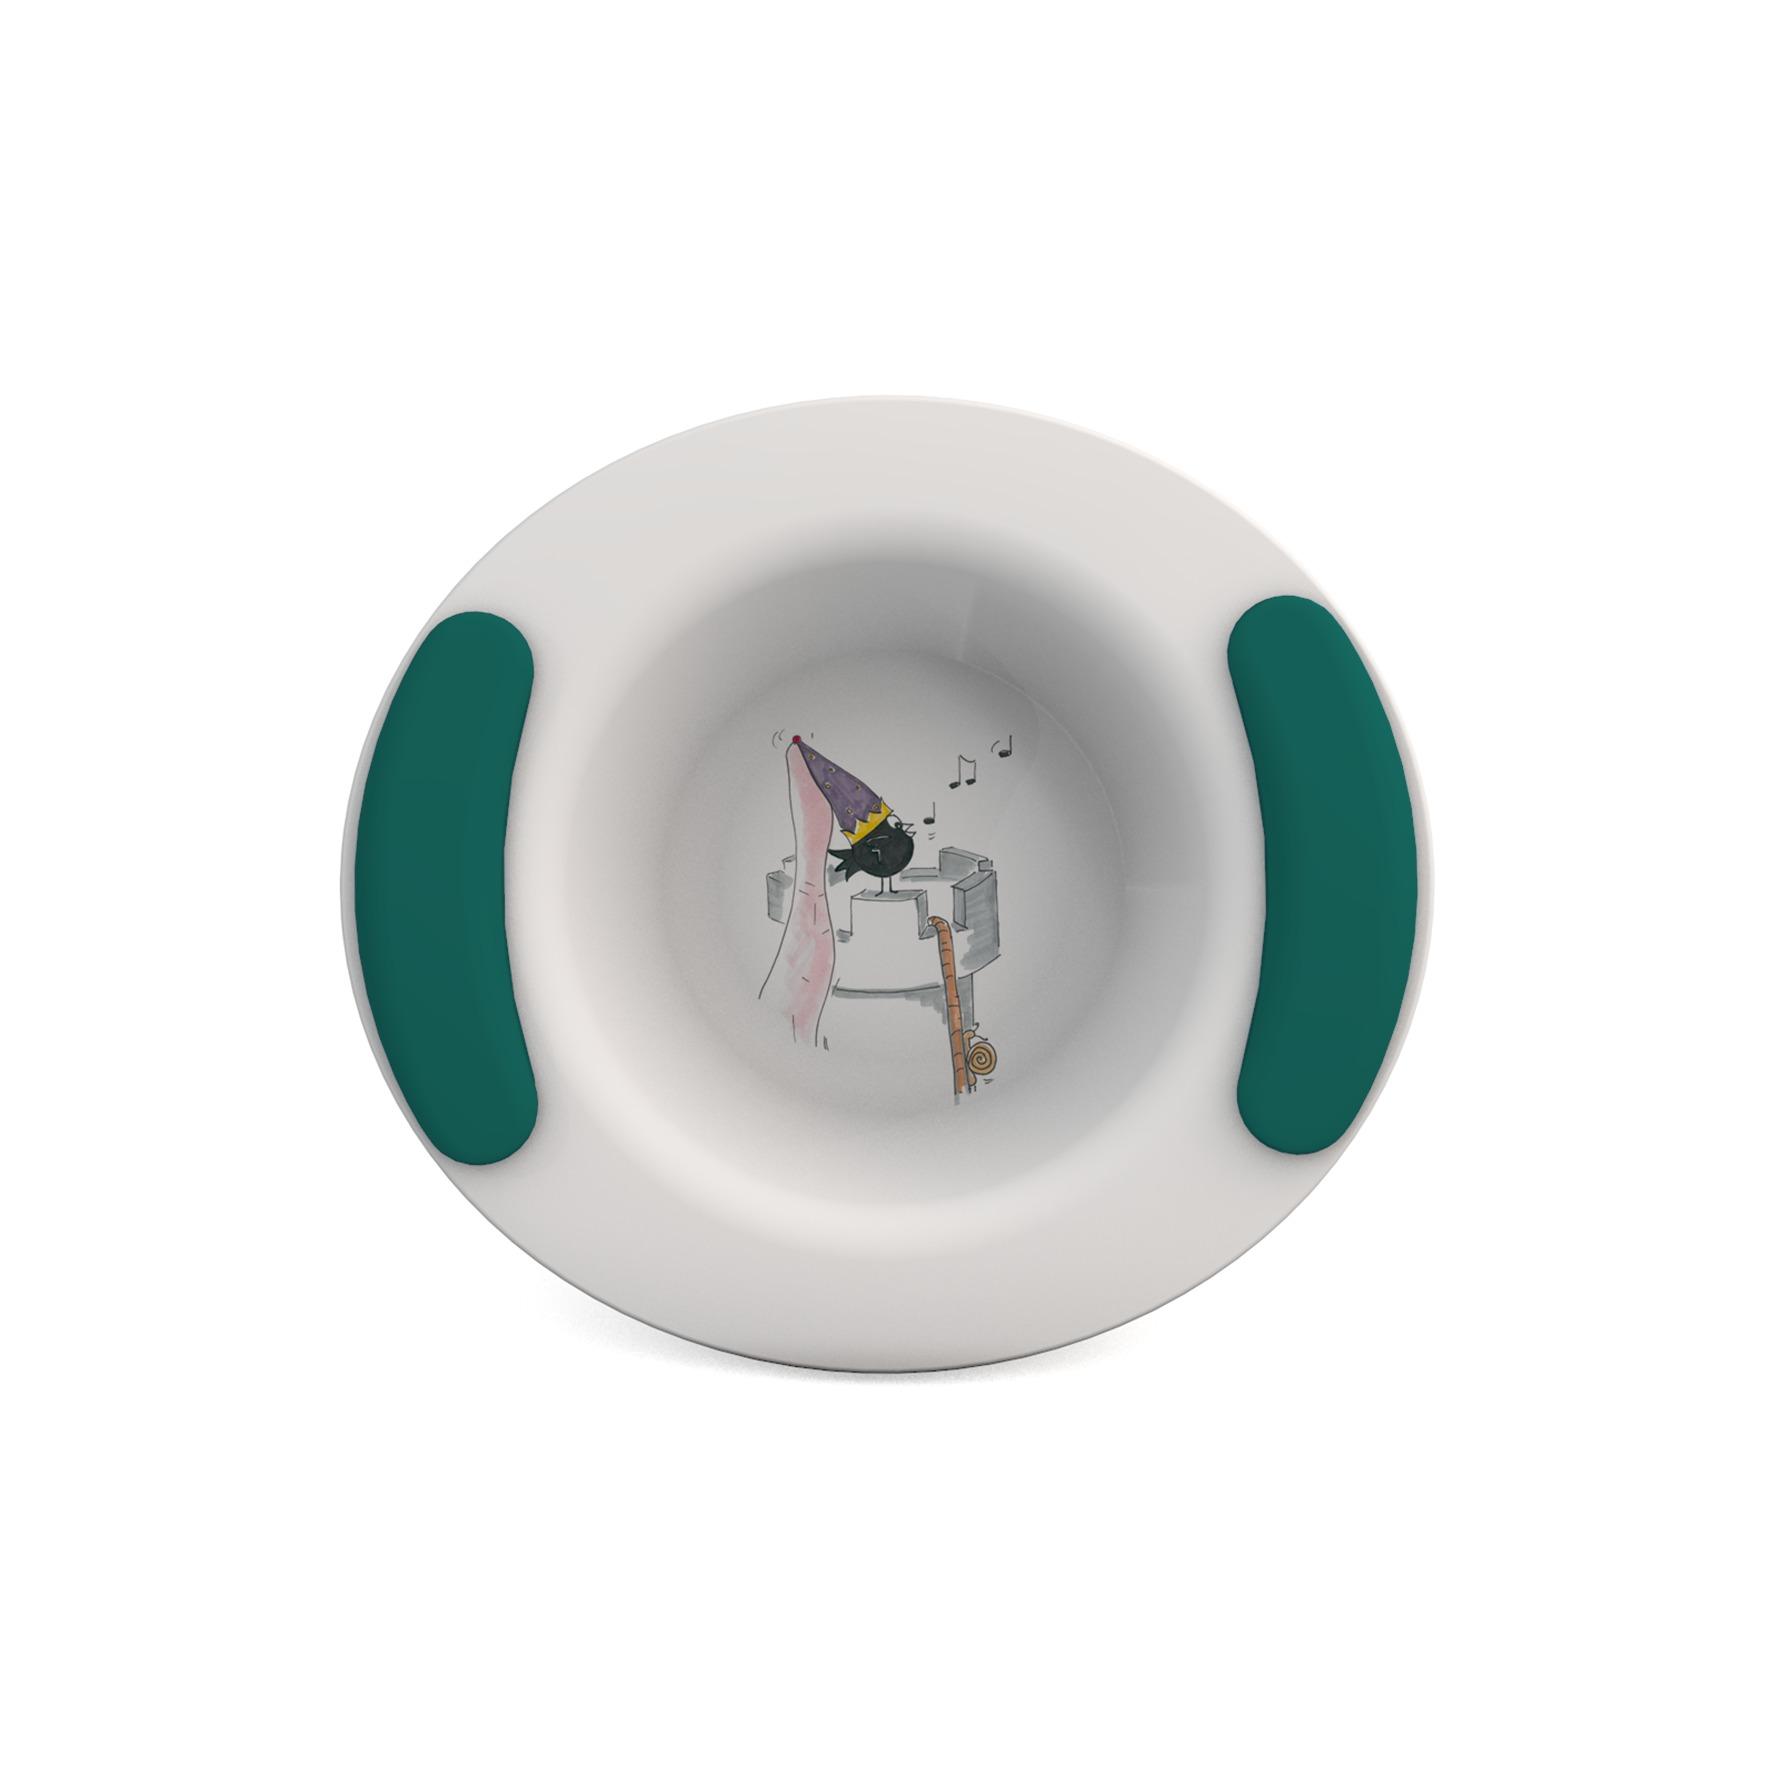 Bowl for Children